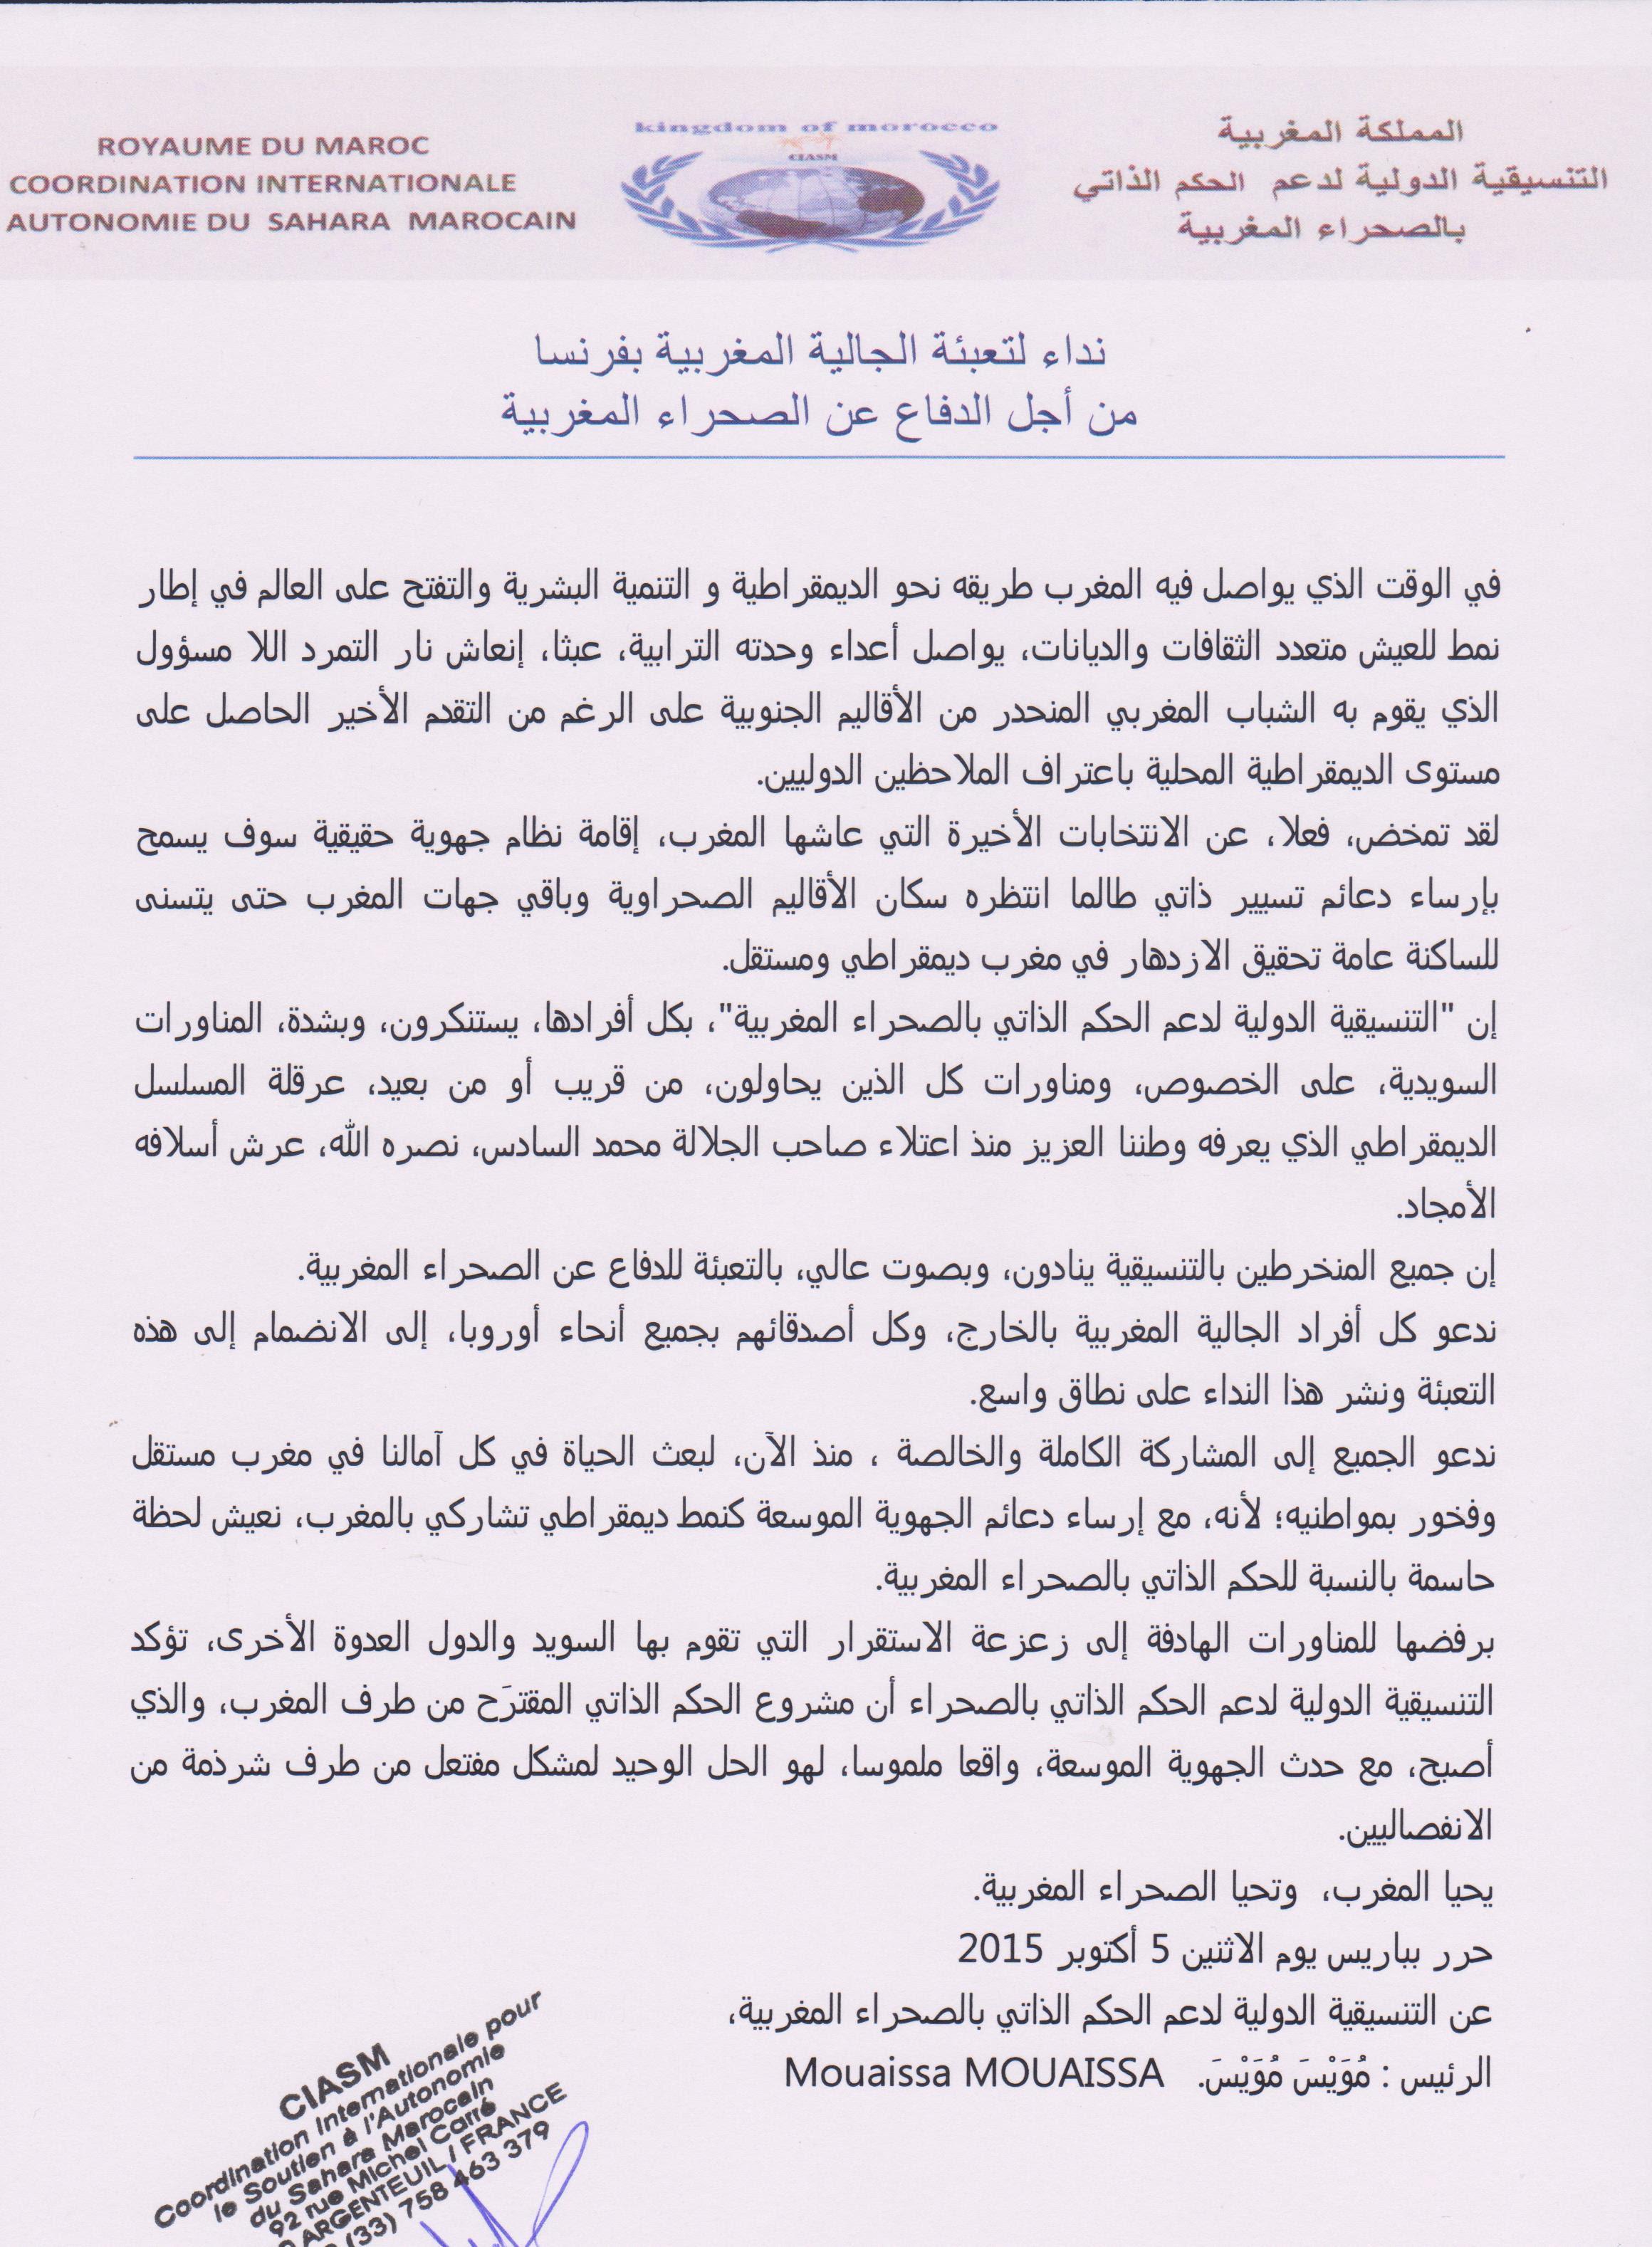 التنسيقية الدولية لدعم الحكم الذاتي في الصحراء المغربية فرع فرنسا تستنكر المناورات السويدية